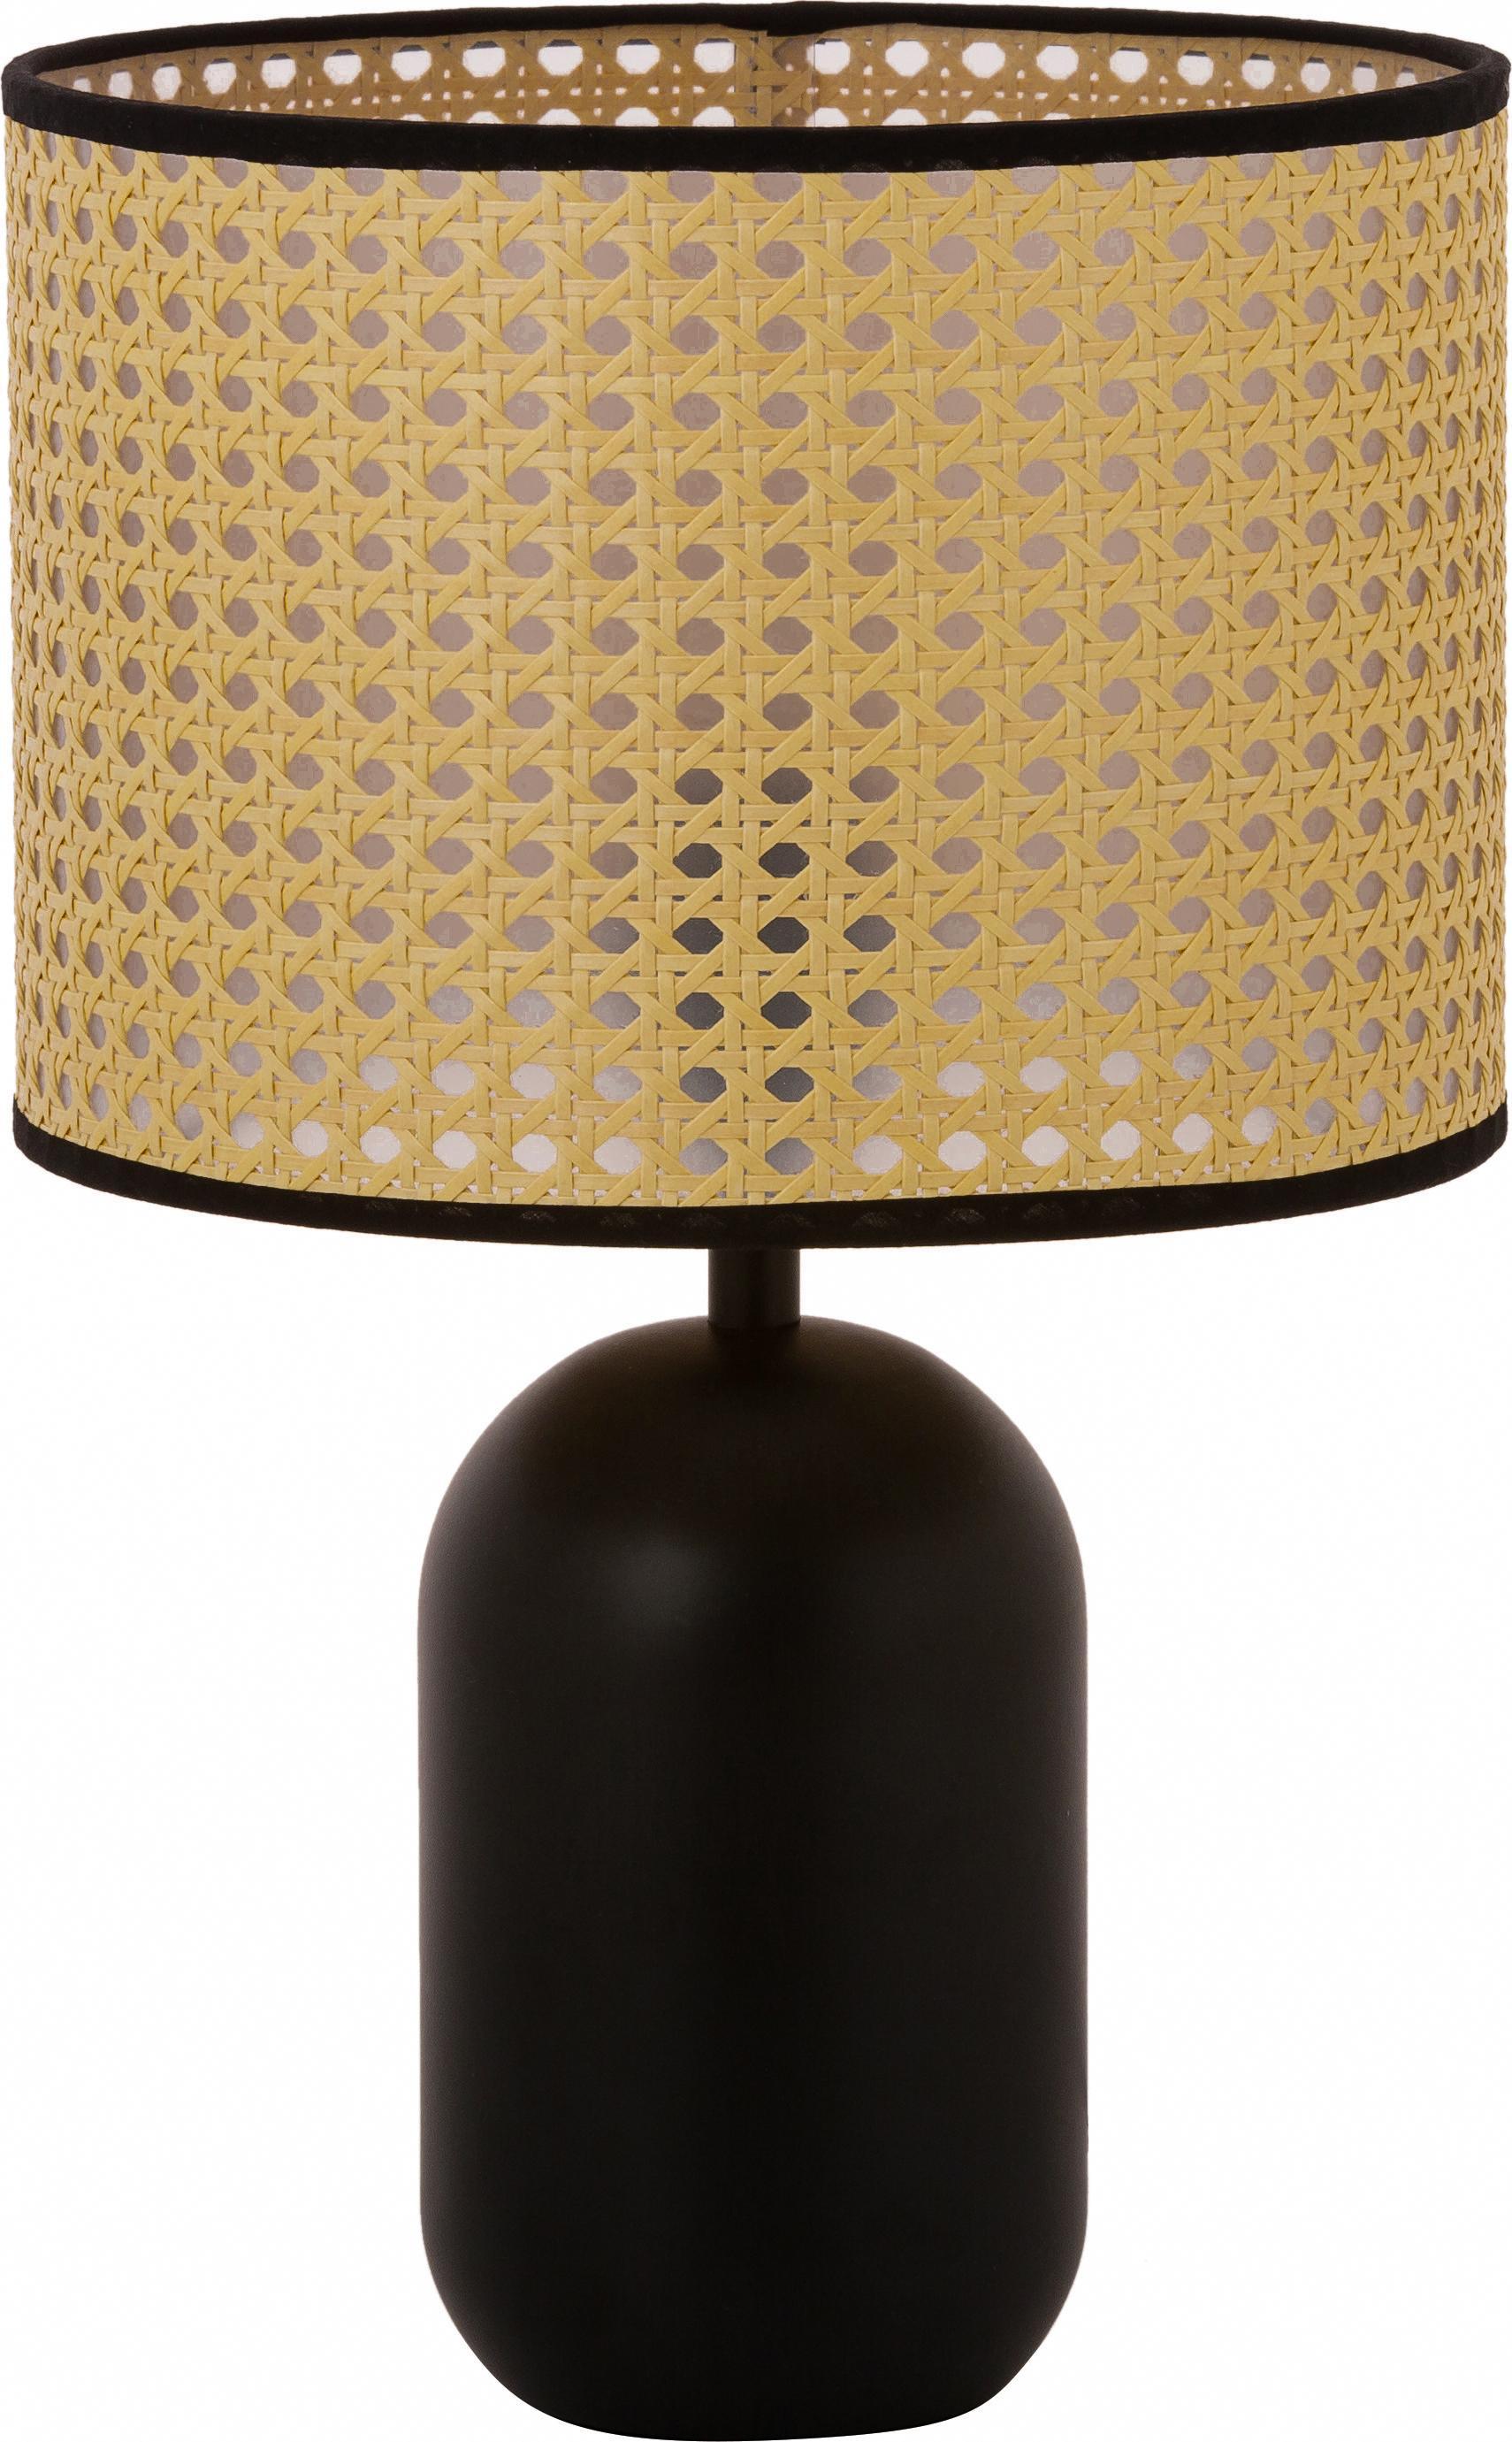 Tafellamp Vienna, Lampenkap: kunststof, Lampvoet: gepoedercoat metaal, Lampenkap: beige, zwart. Lampvoet: mat zwart. Snoer: zwart, Ø 25 x H 40 cm